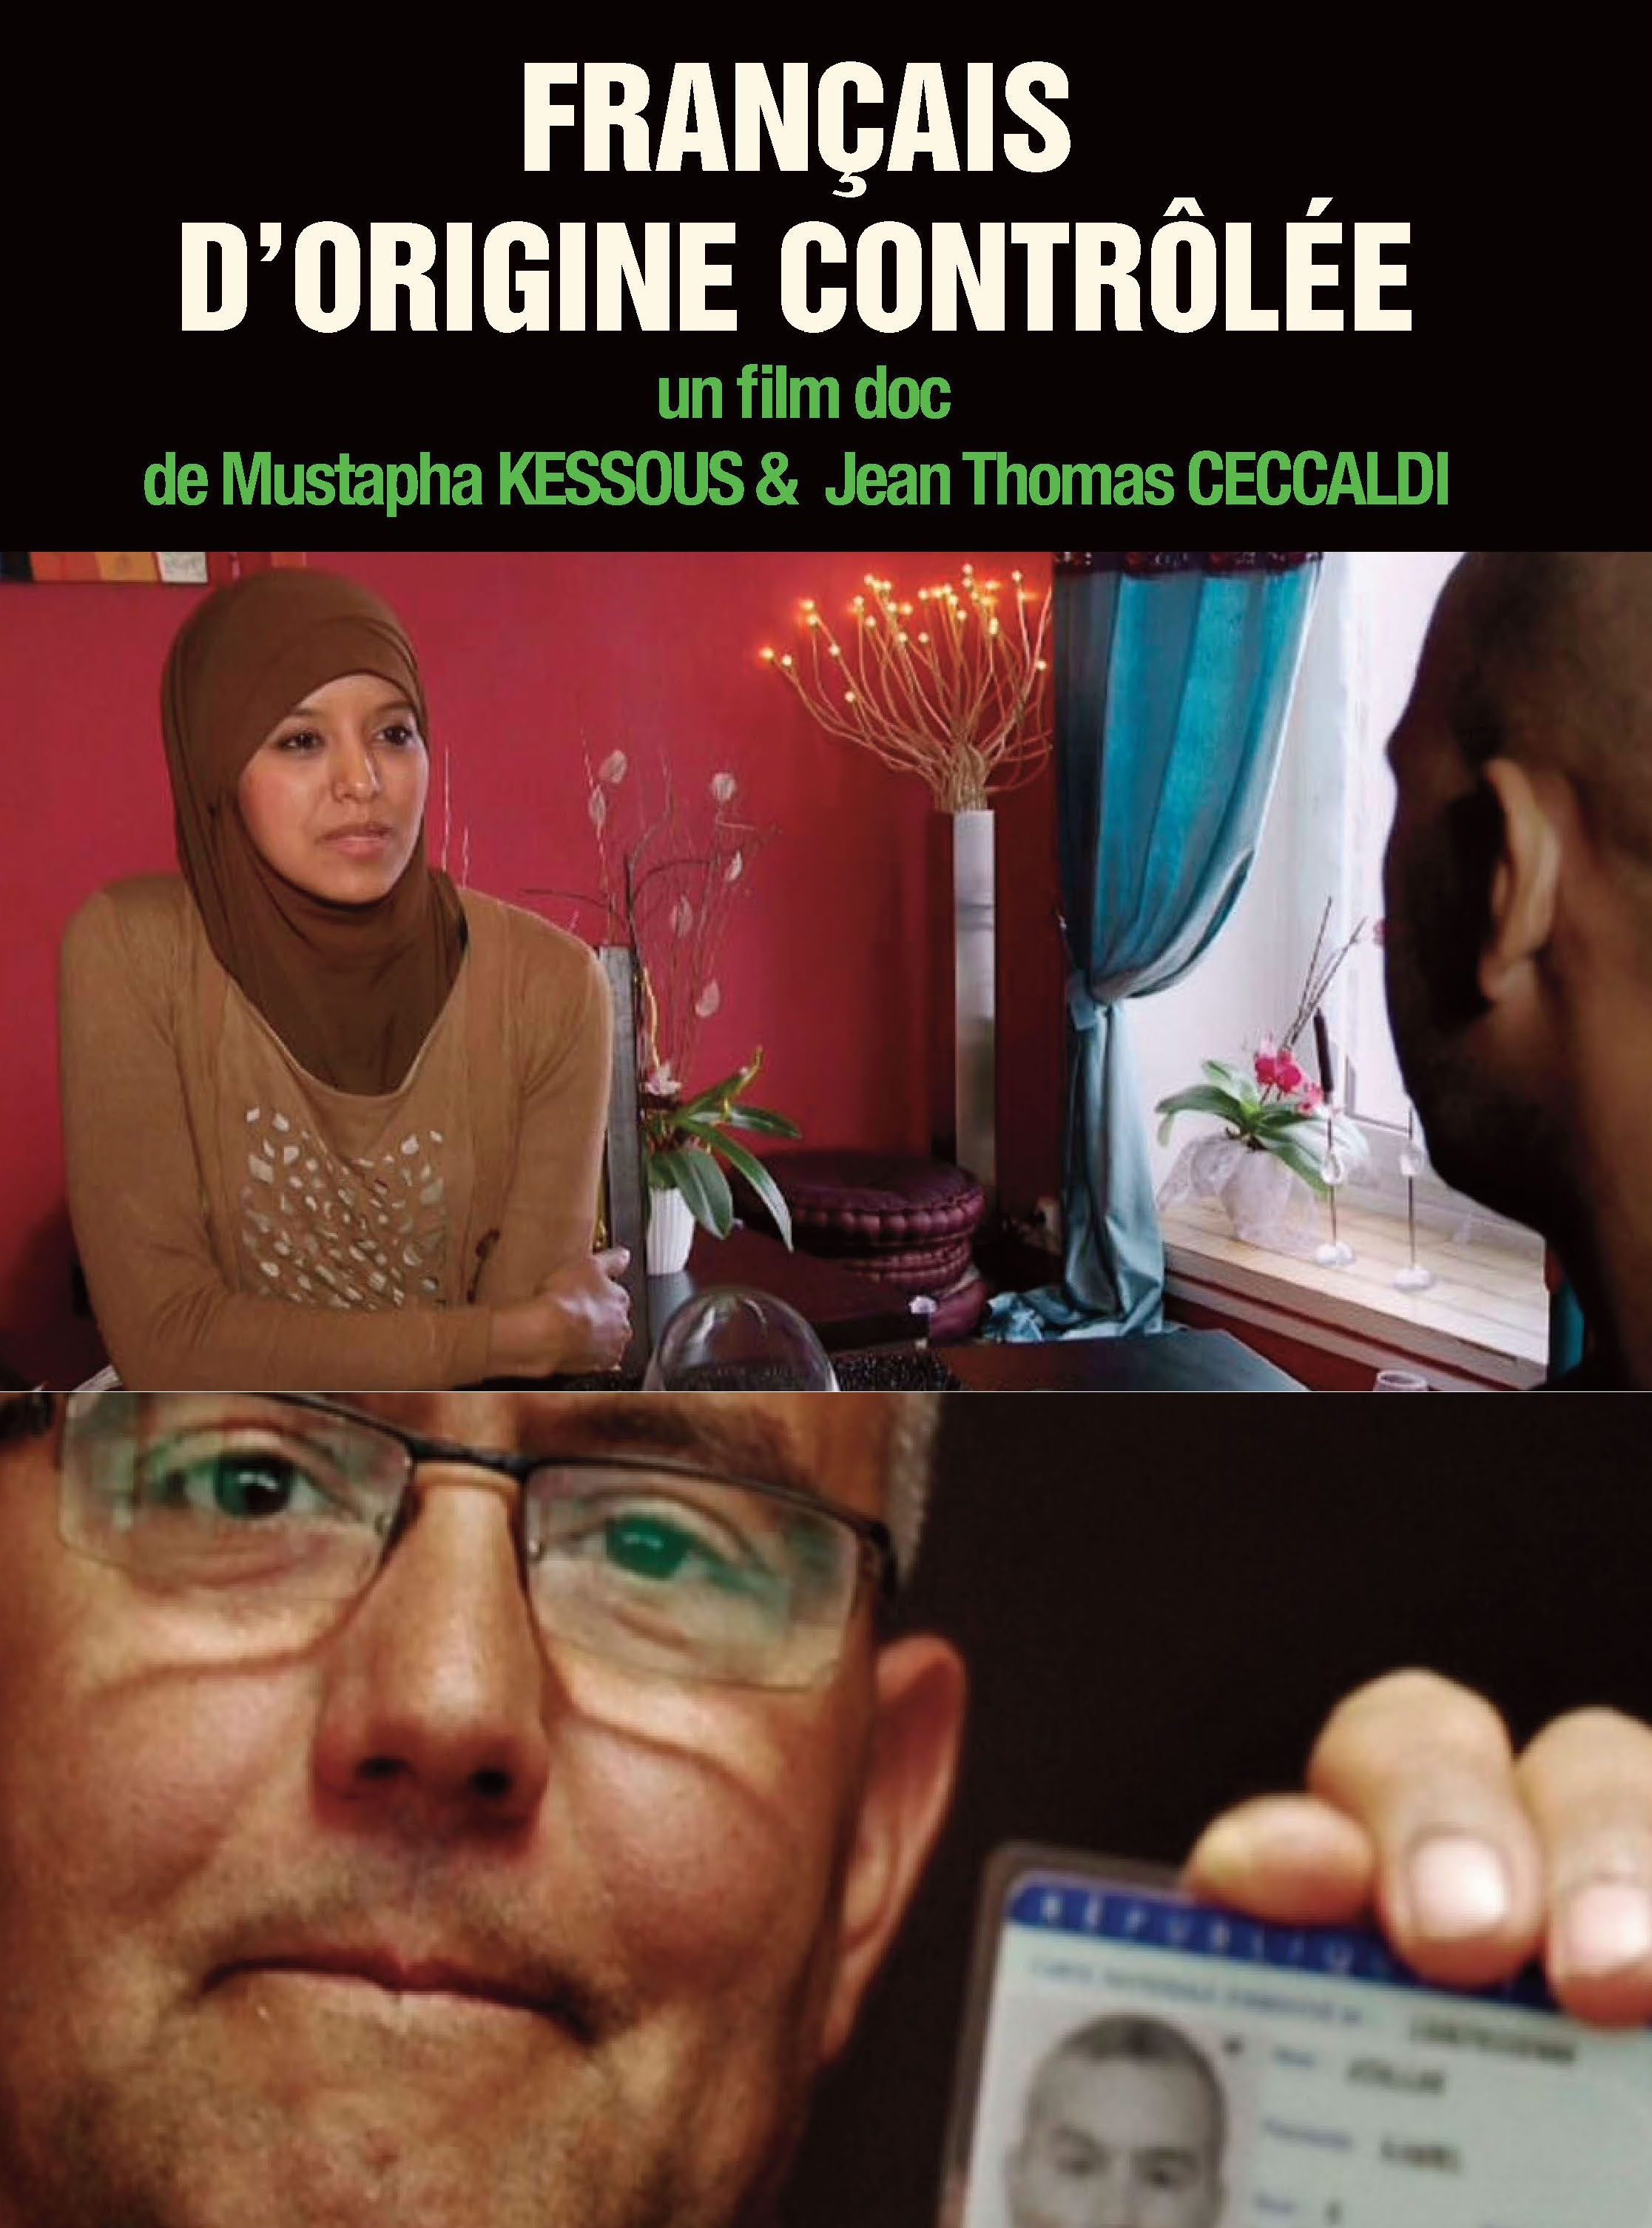 FRANÇAIS D'ORIGINE CONTRÔLÉE